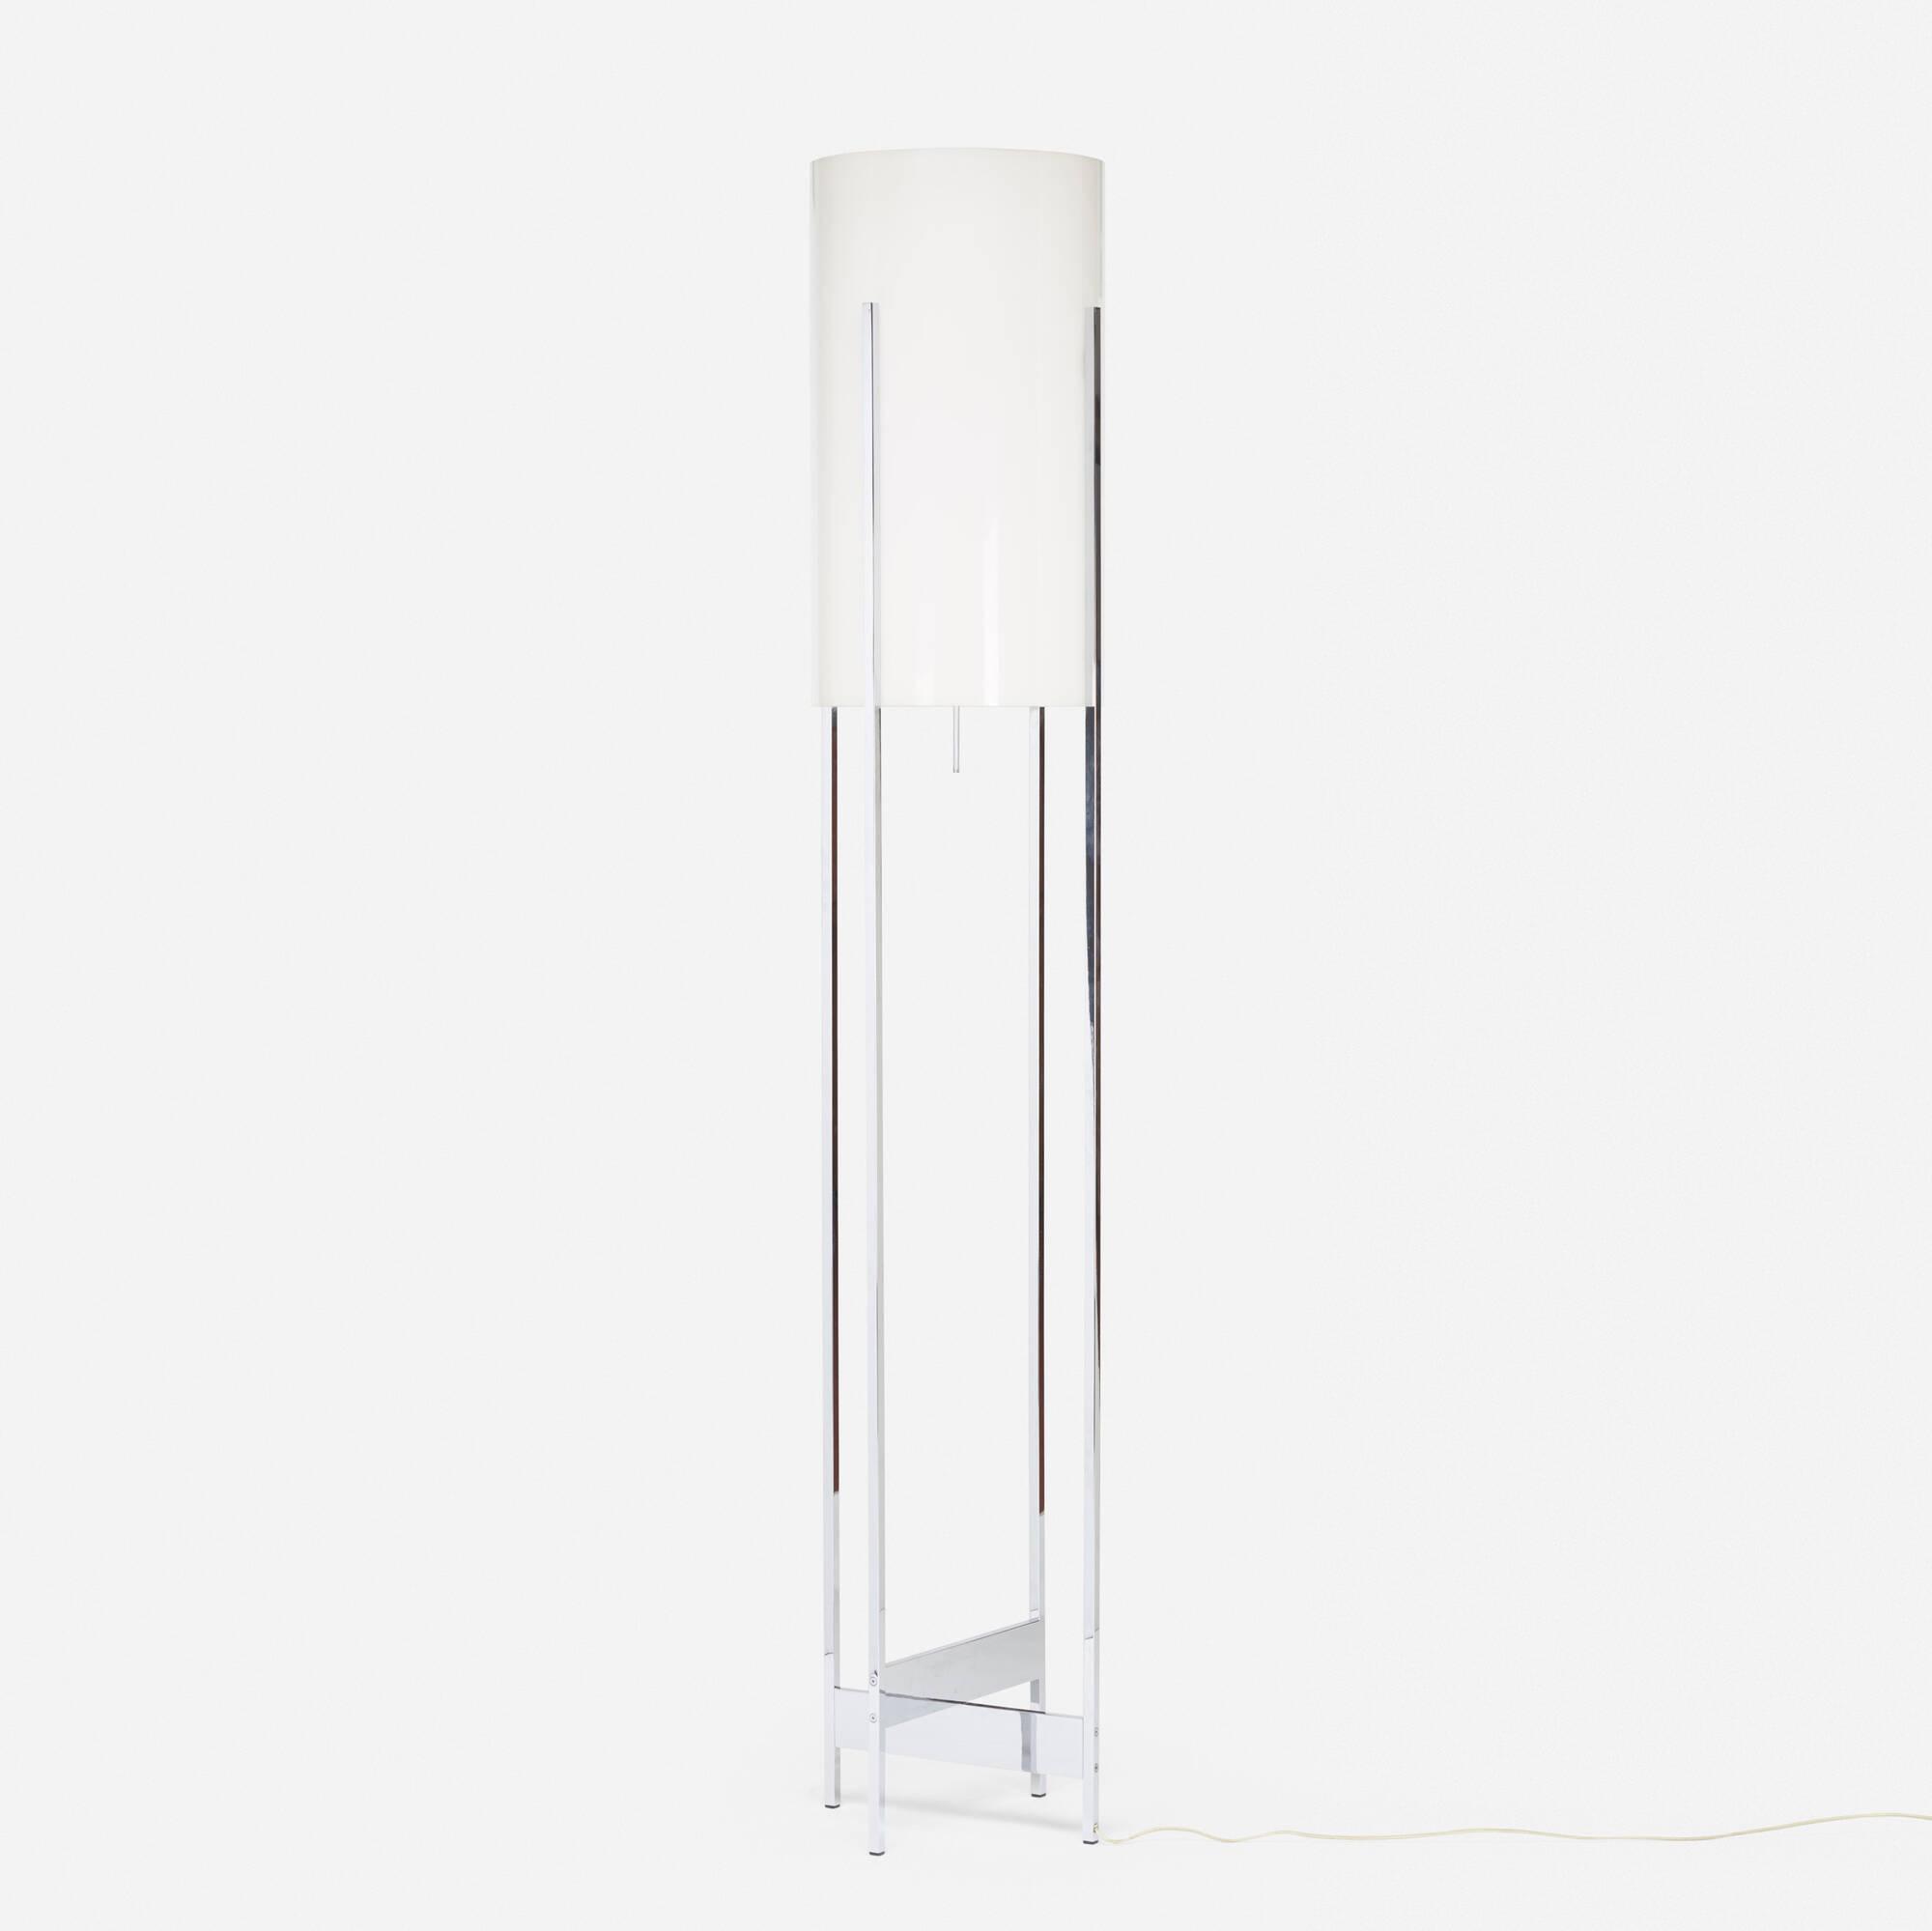 552: Paul Mayén / floor lamp (1 of 2)